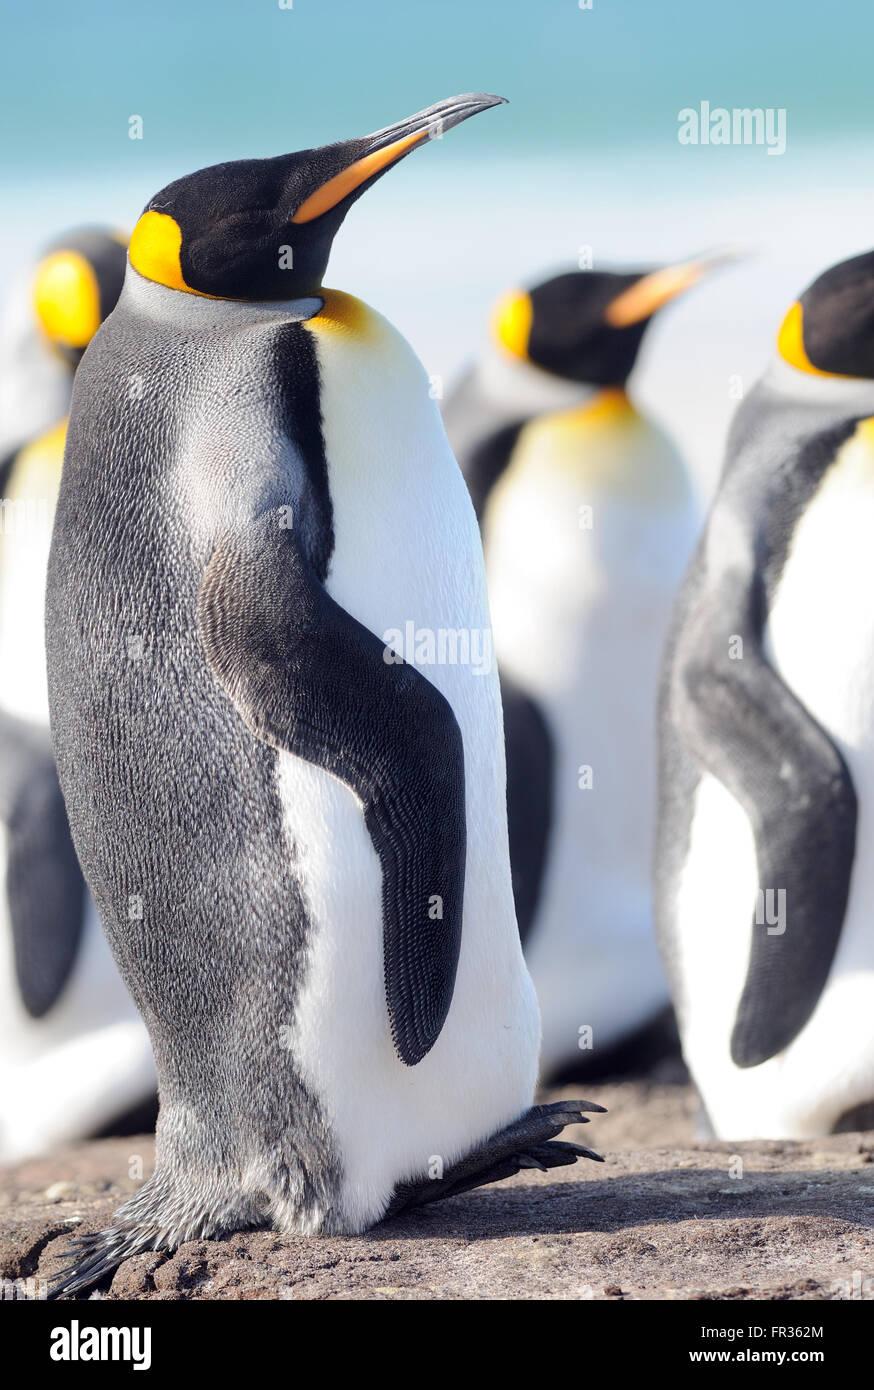 Un manchot royal (Aptenodytes patagonicus) se penche en arrière sur sa queue raide, courte. L'Île Saunders, îles Falkland. Banque D'Images